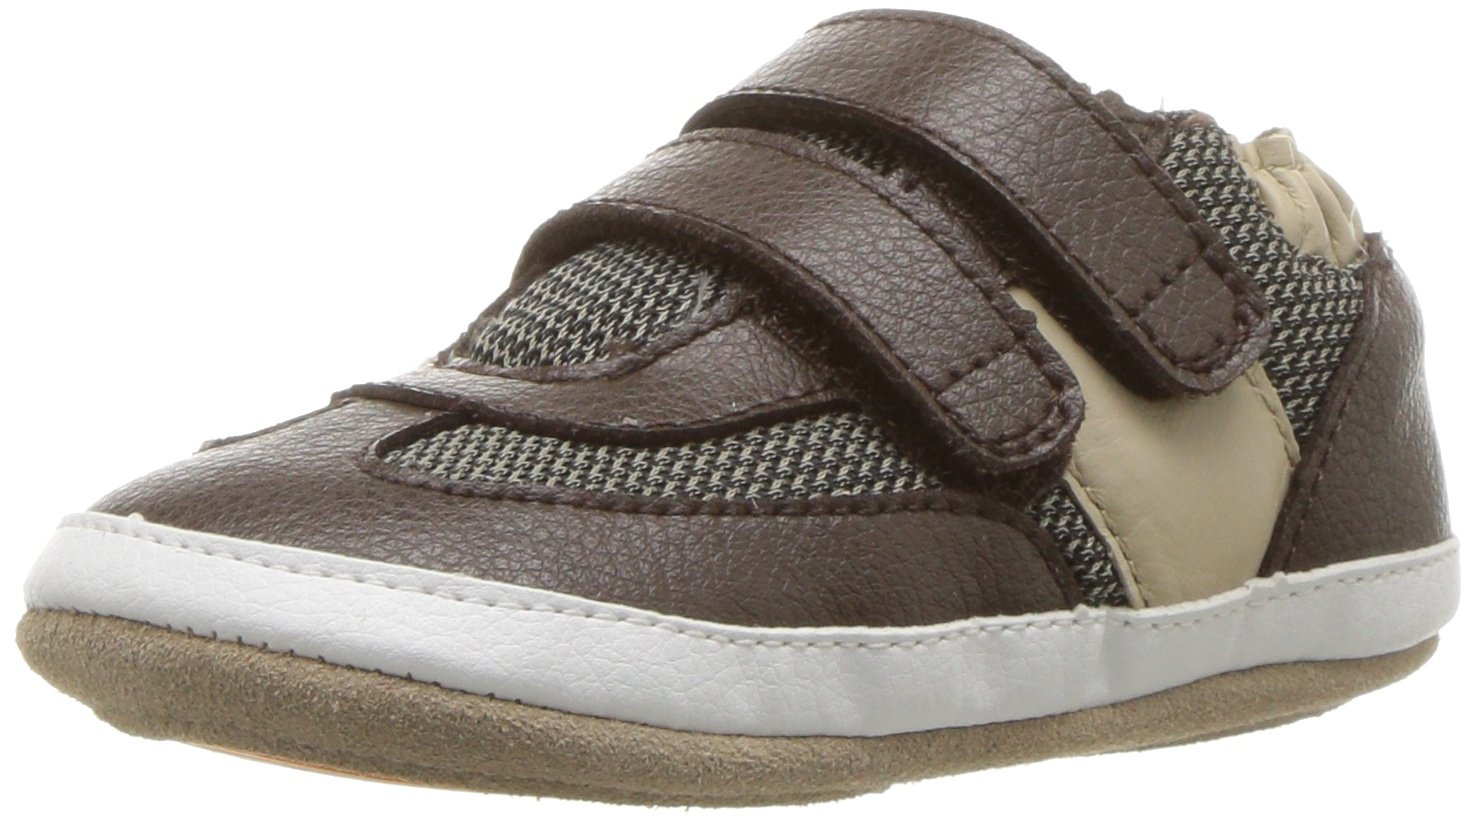 Robeez Boys' Sneaker-Mini Shoez Crib Shoe, Active Alex-Brown, 18-24 Months M US Infant